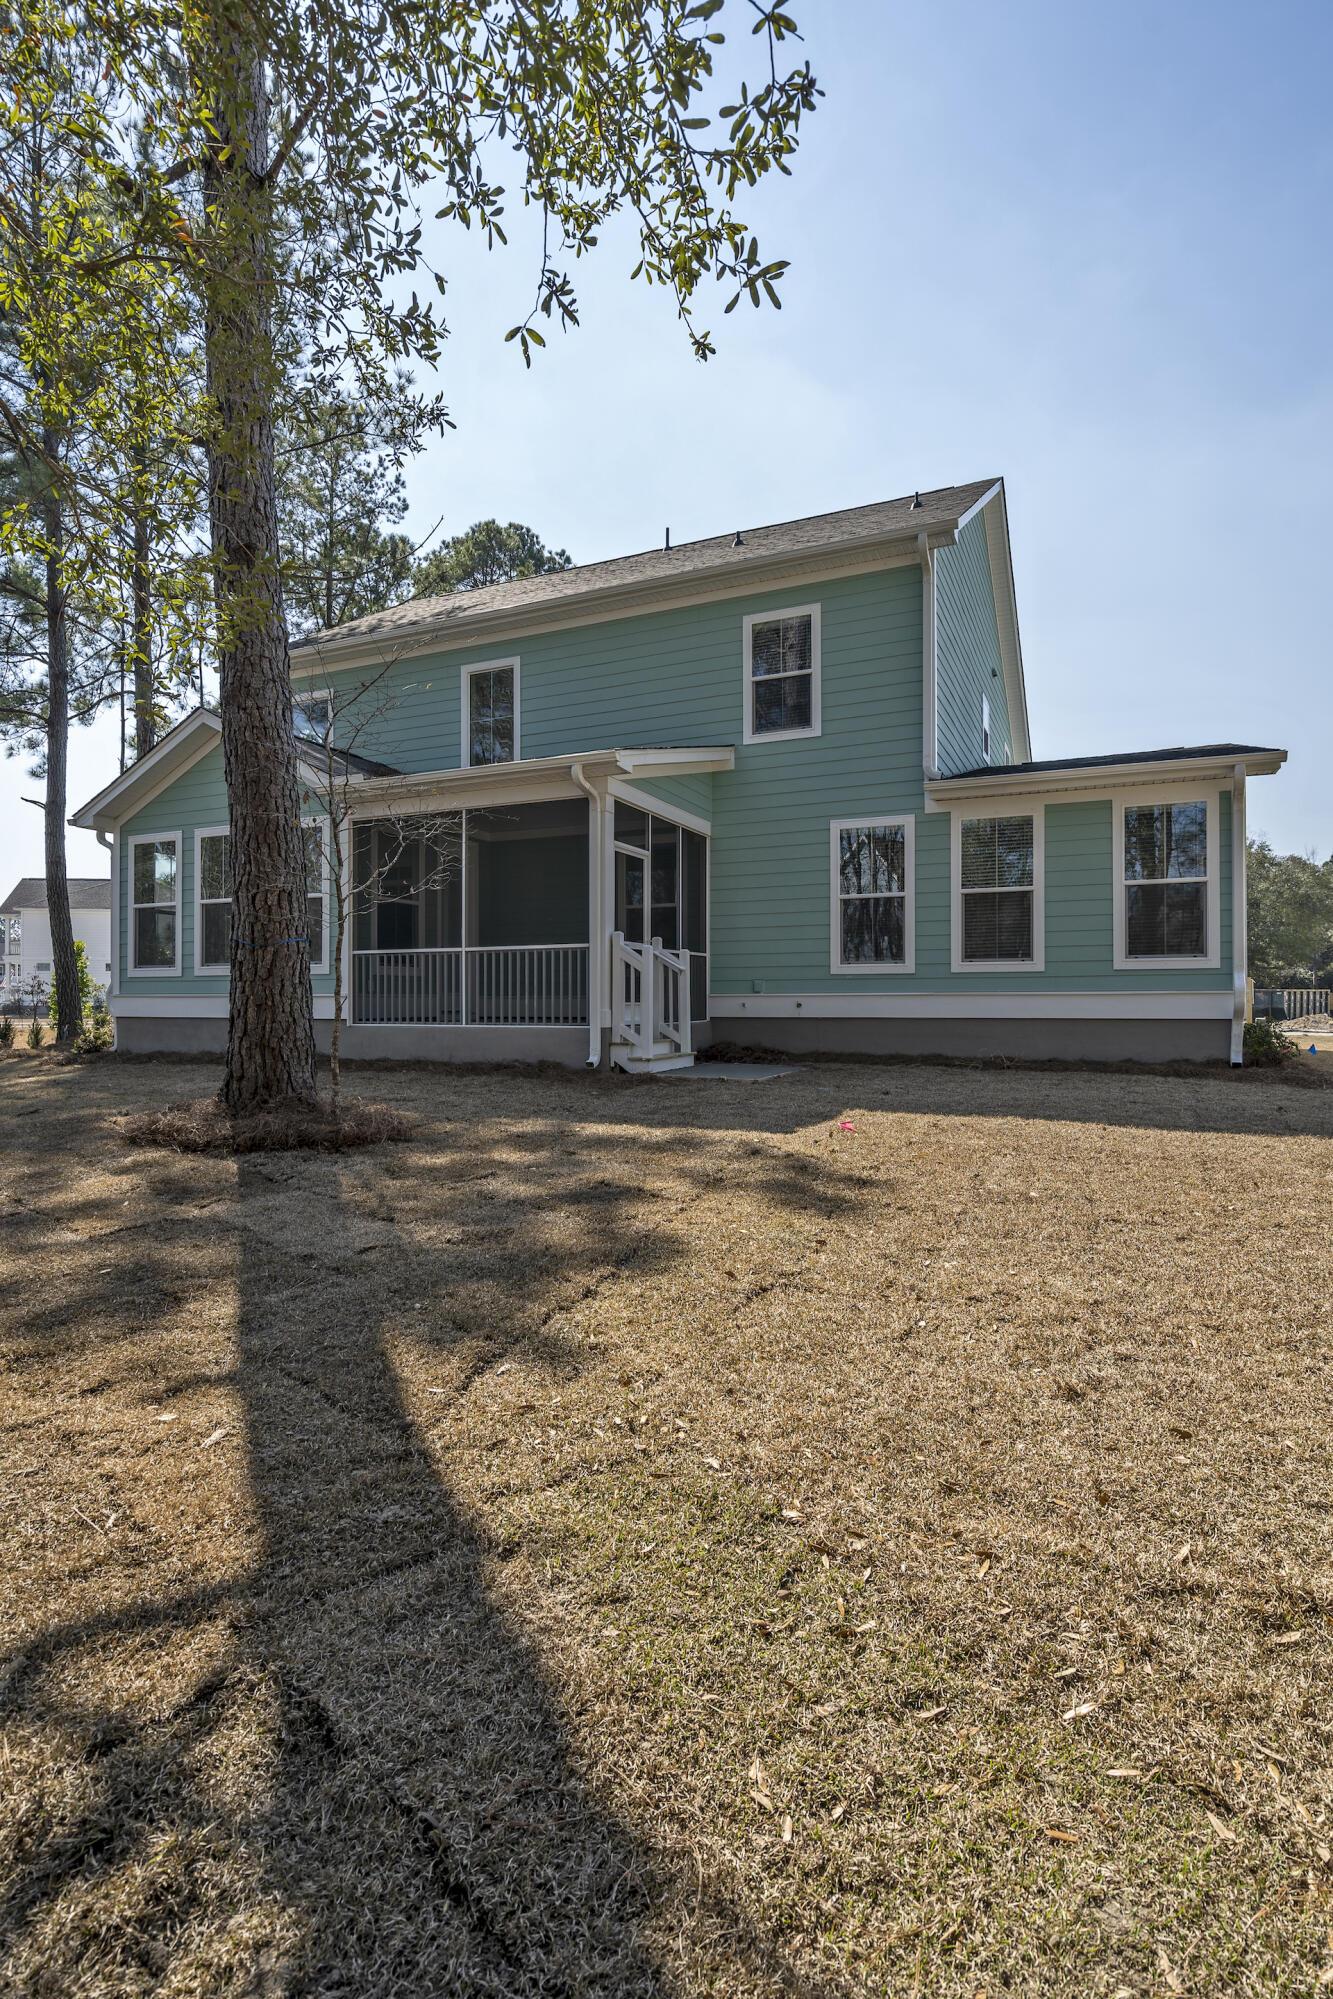 Park West Homes For Sale - 1504 Hopkins, Mount Pleasant, SC - 0